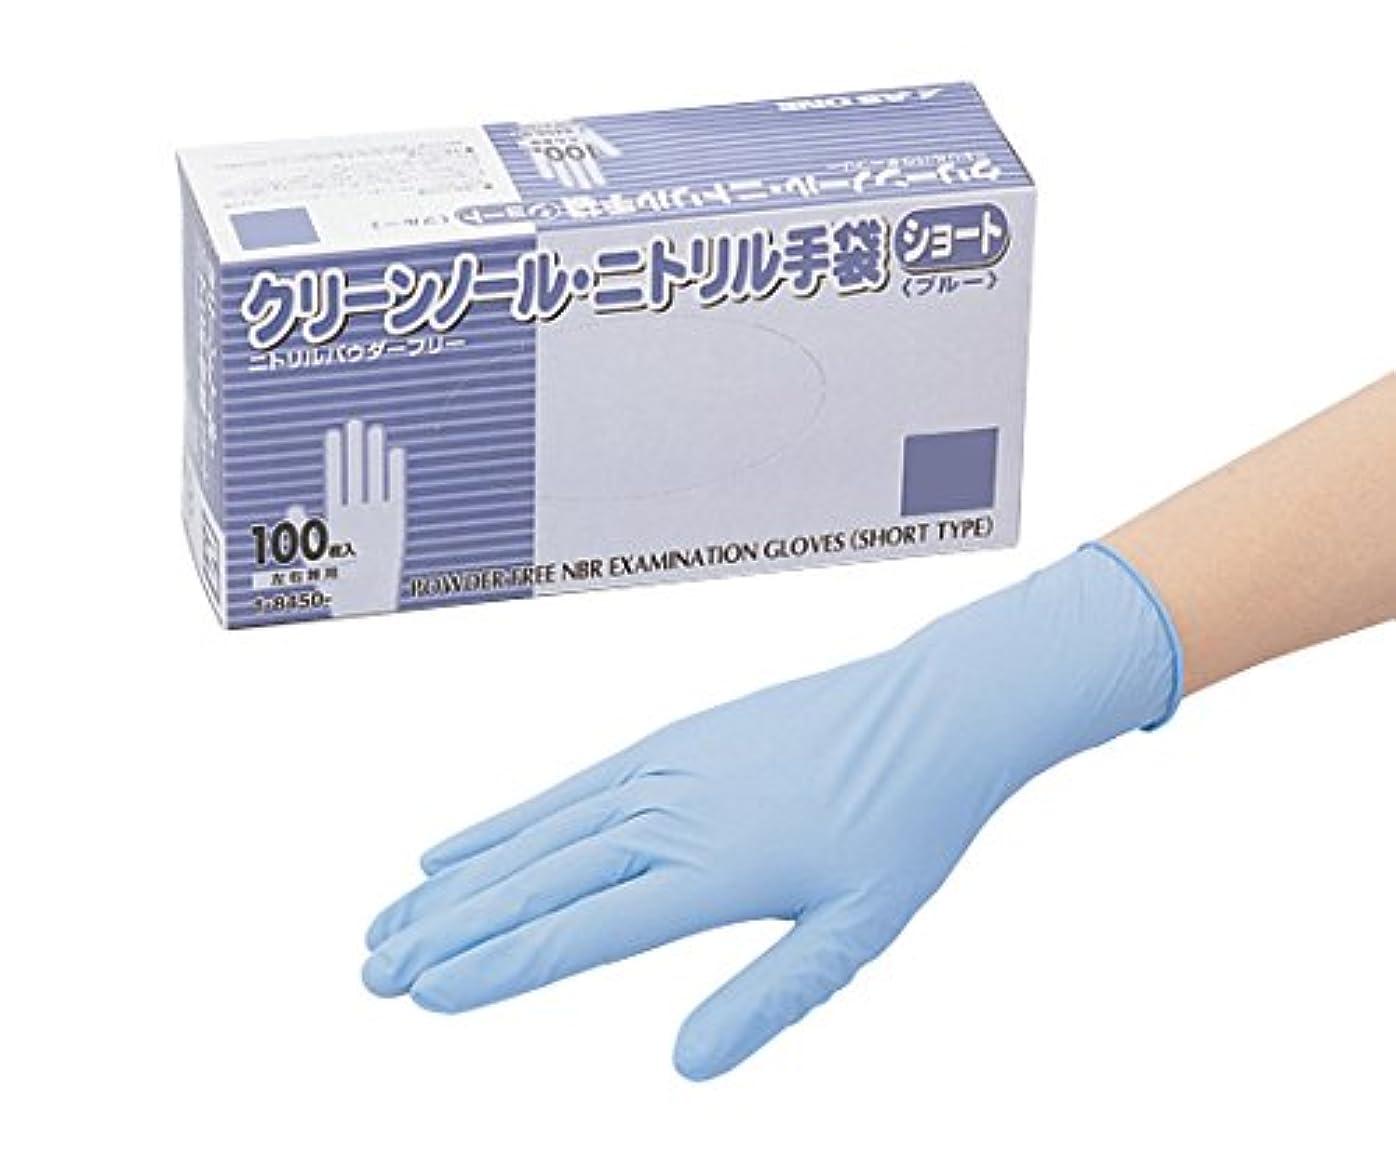 アラブサラボのみ転送アズワン1-8450-53クリーンノールニトリル手袋ショート(パウダーフリ-)ブルーS1000枚入